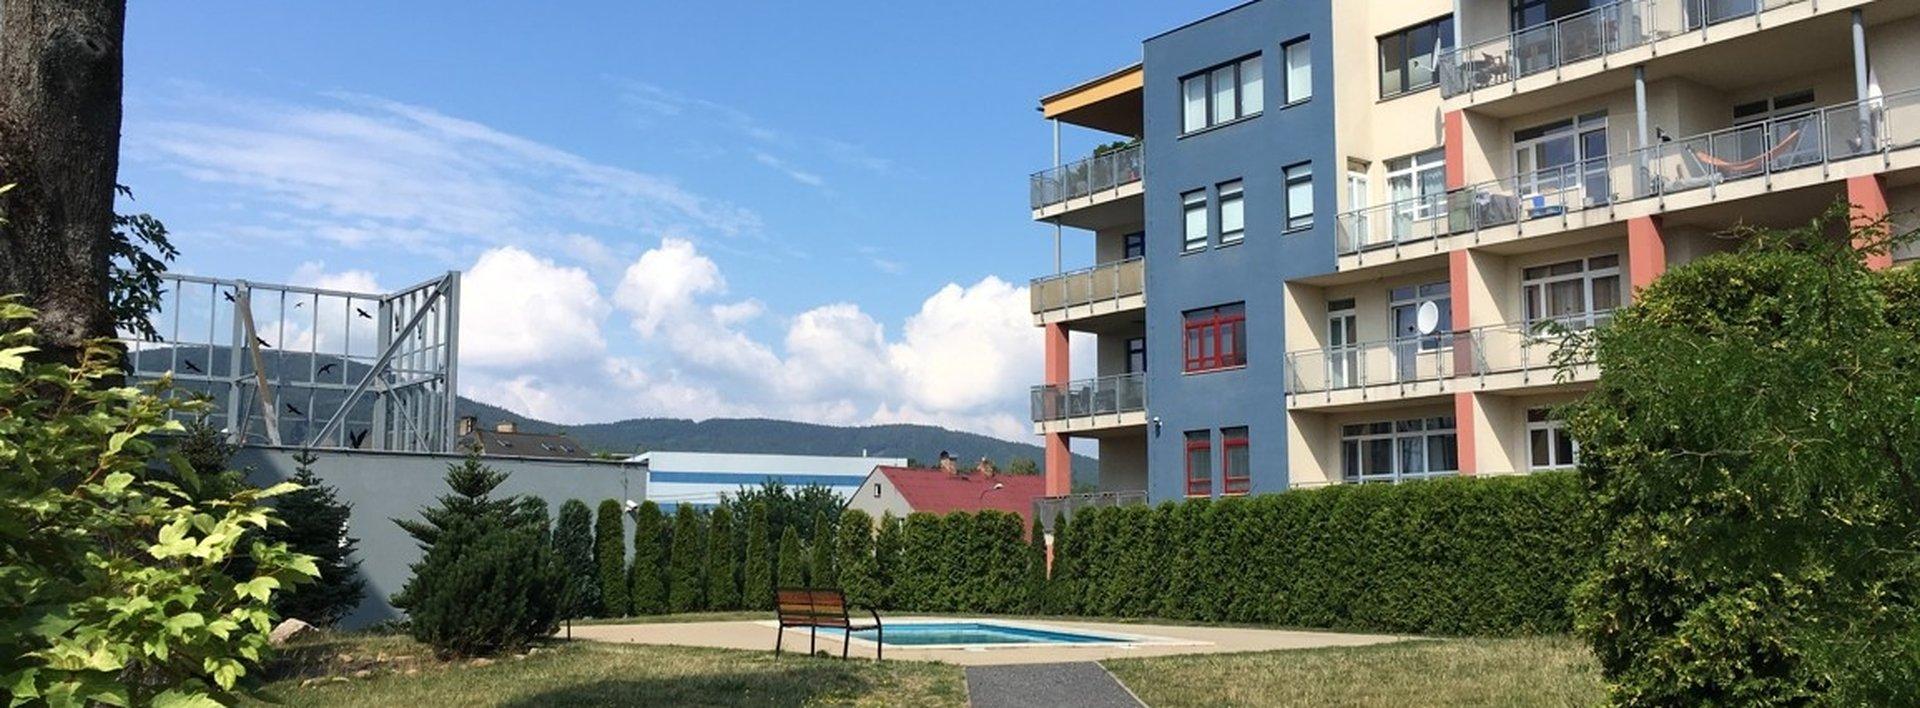 Pronájem bytu 2+kk s lodžií, 64 m² + parkování - Liberec, ul. Uralská, Ev.č.: N49193